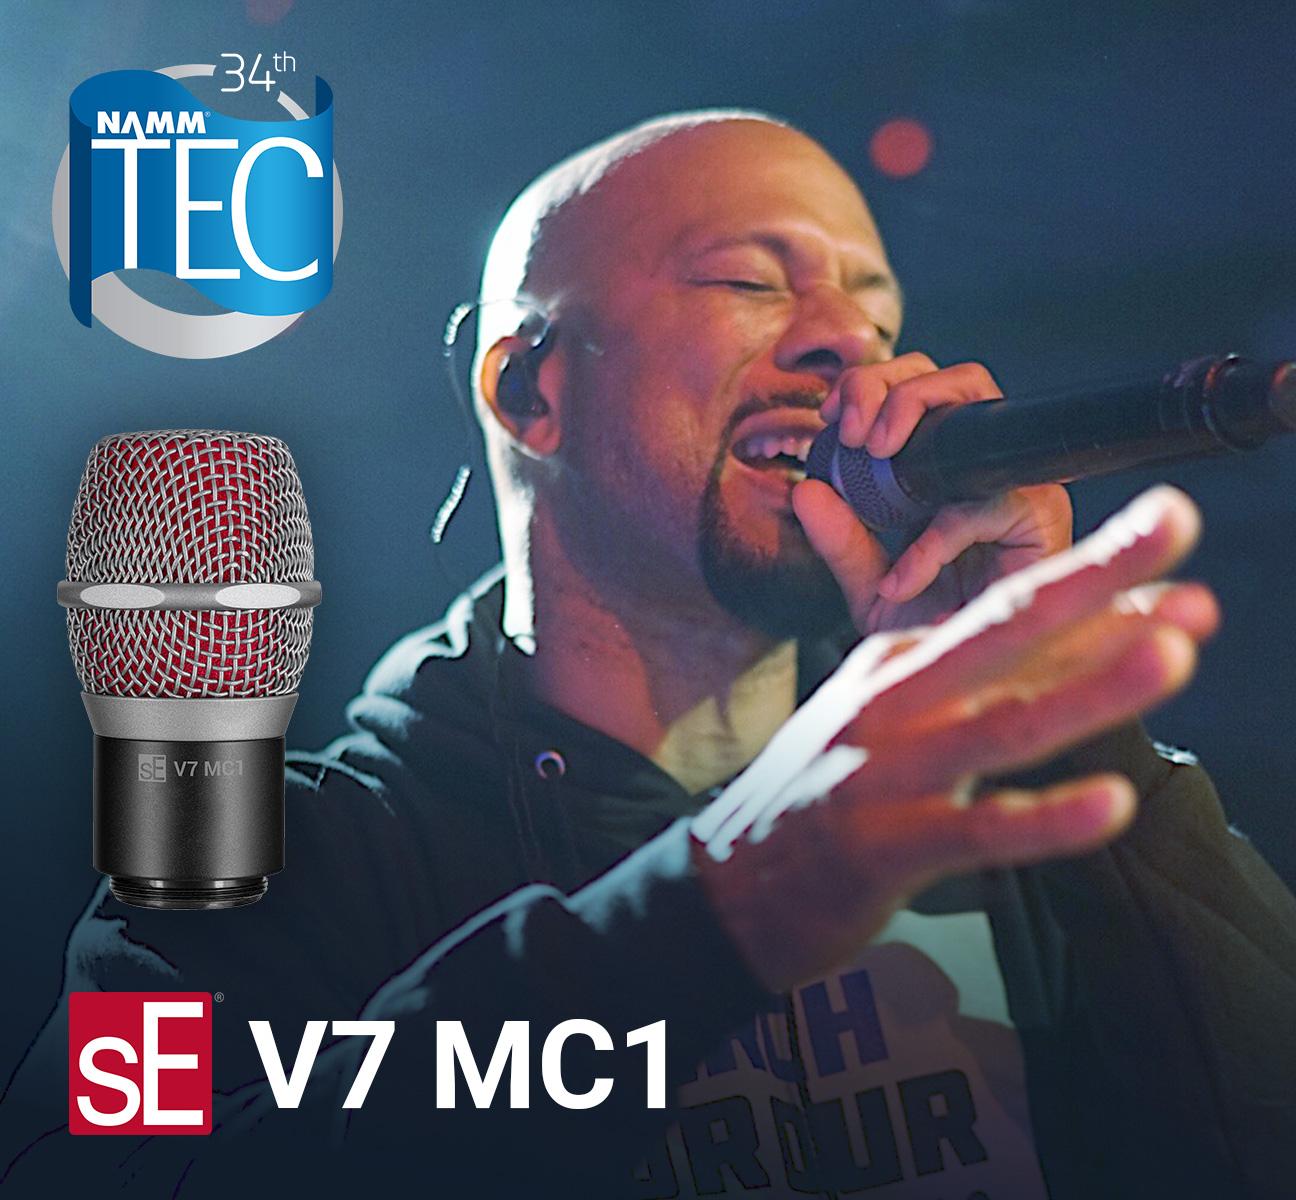 v7-mc1-nomination.jpg